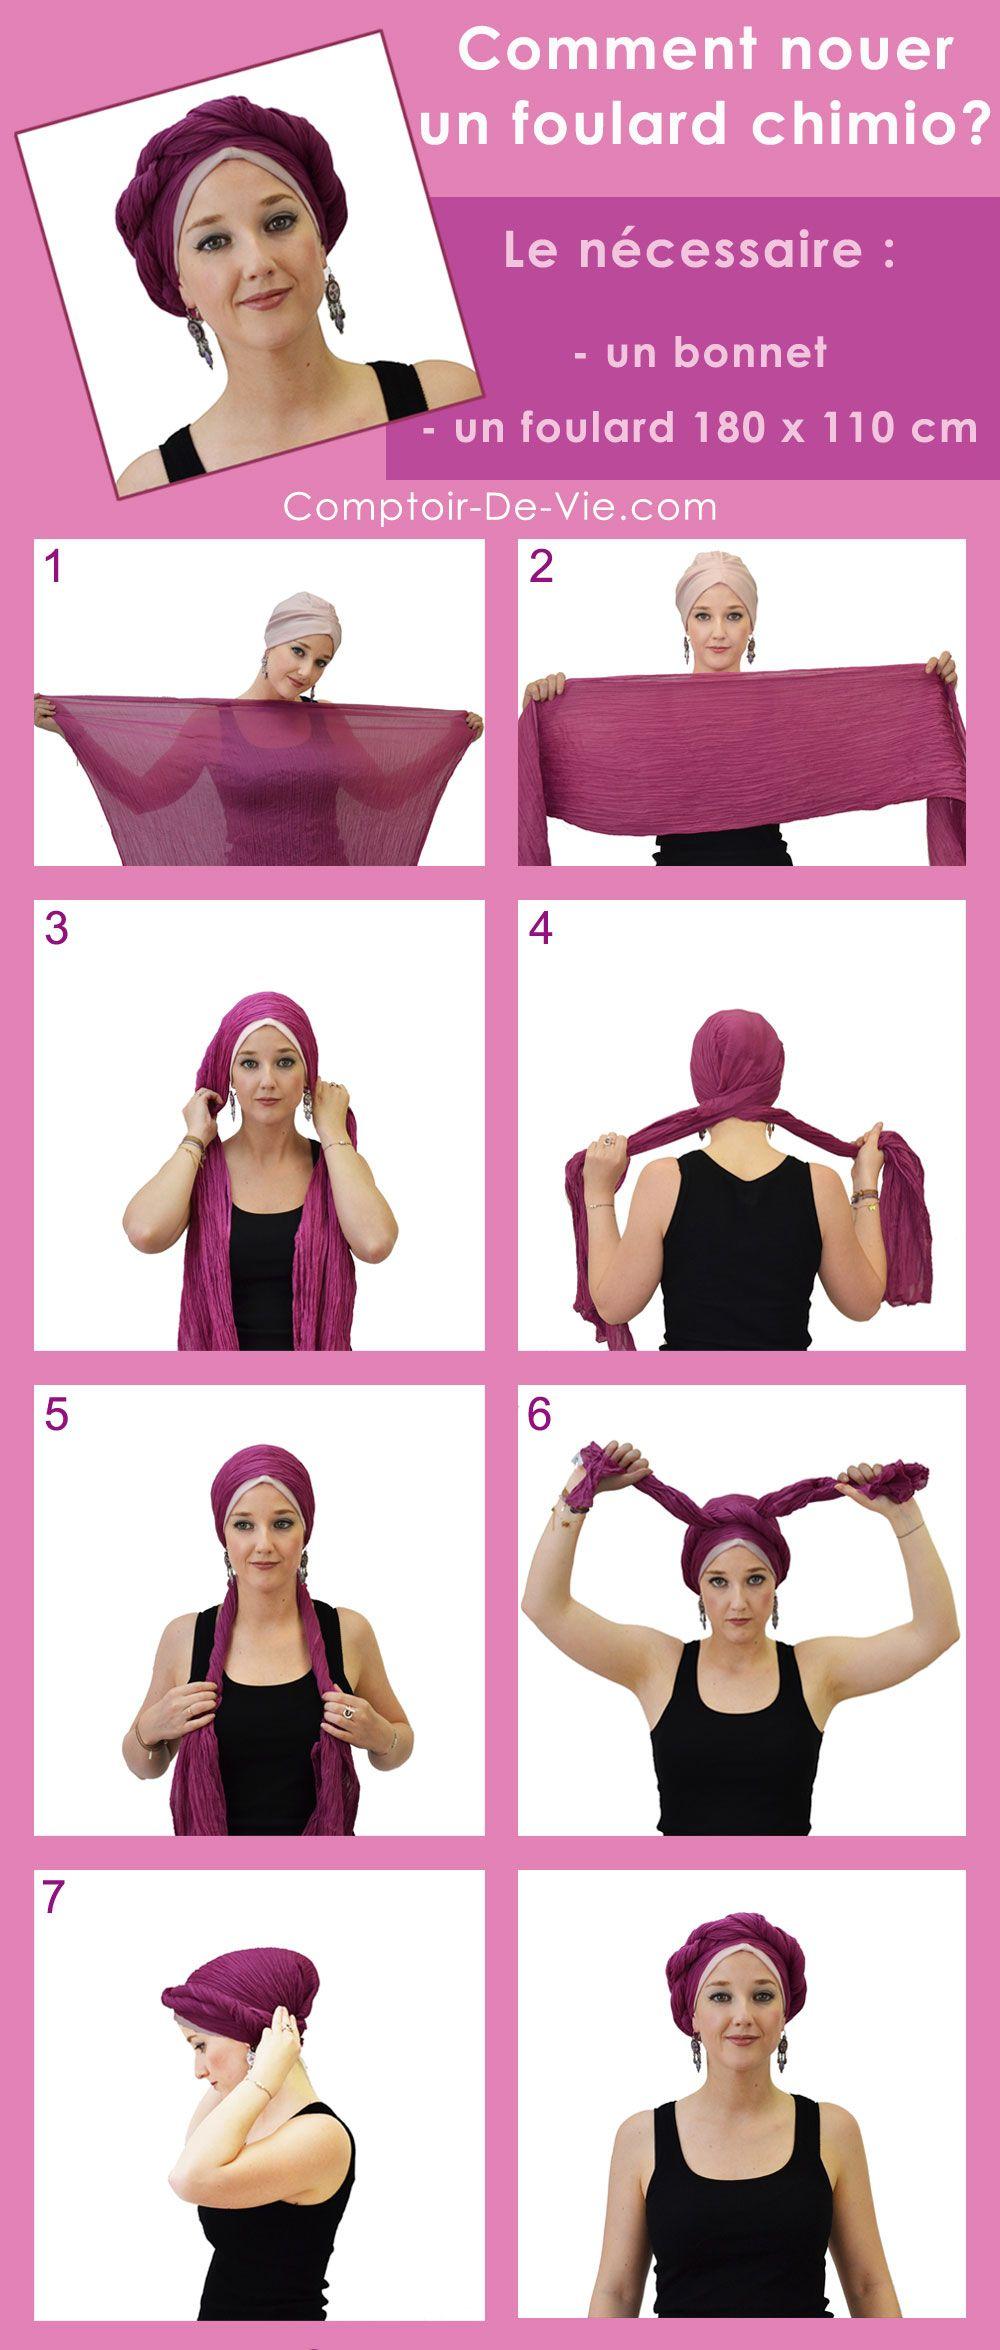 301e63b9a3a7 Tutoriel vidéo et photos pour savoir nouer votre foulard chimio sur la tête  en quelques étapes